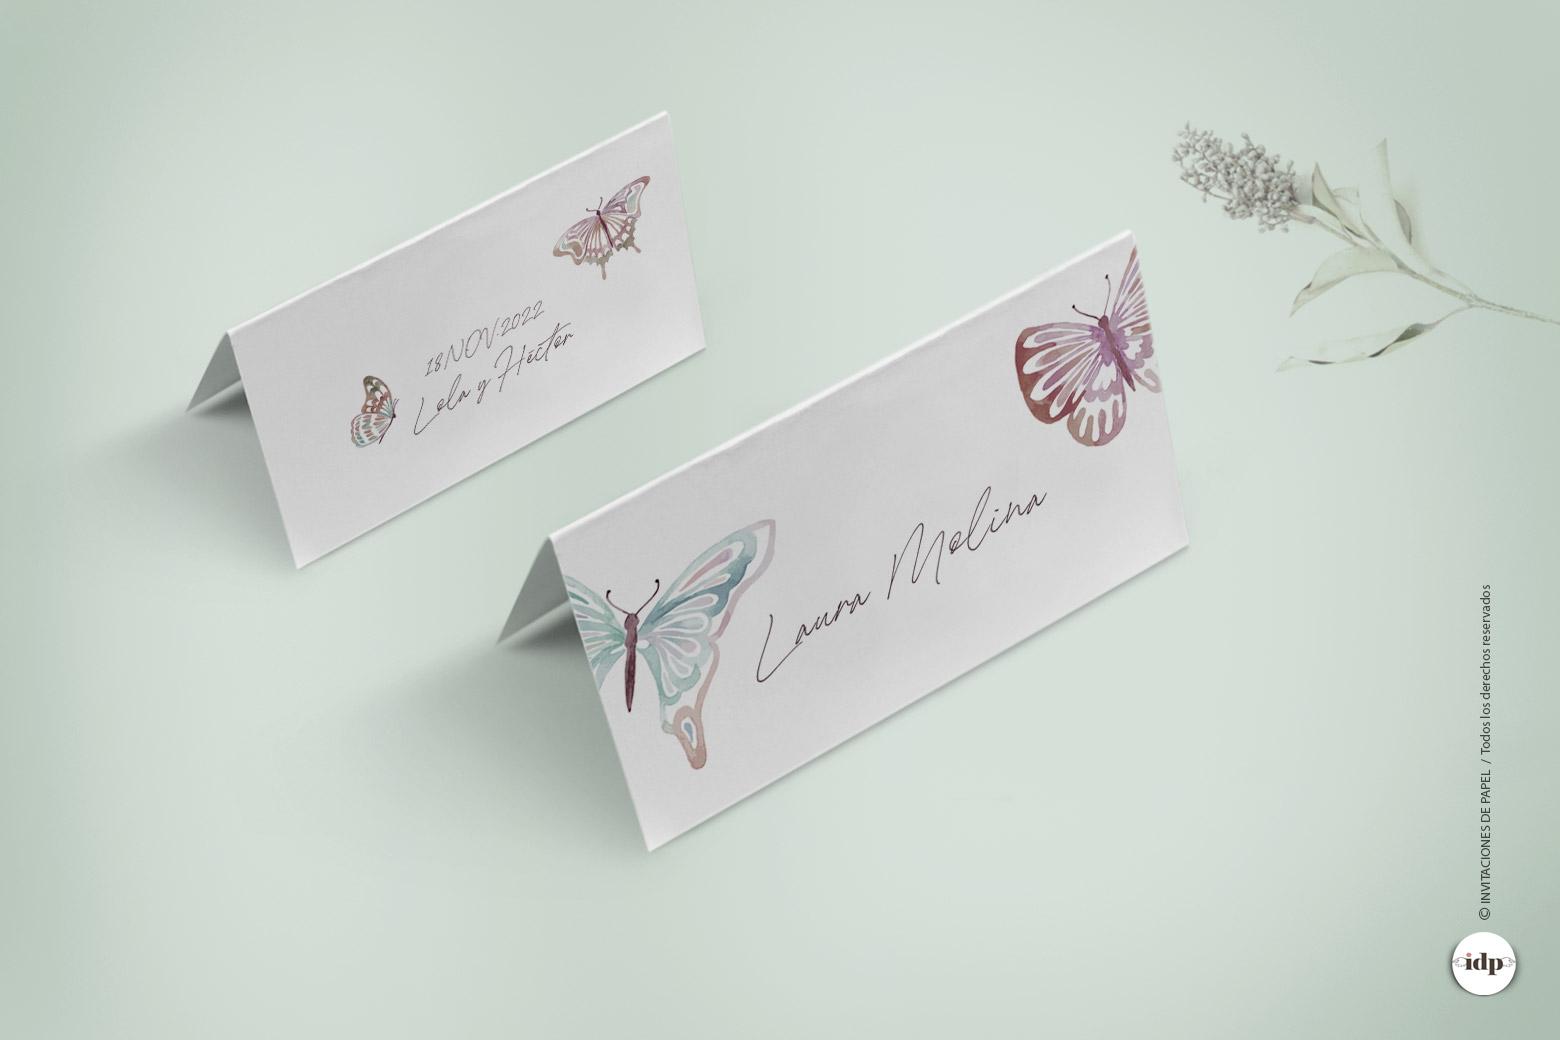 Puestos de Mesa de Boda Sencillos con Mariposas como en Acuarela